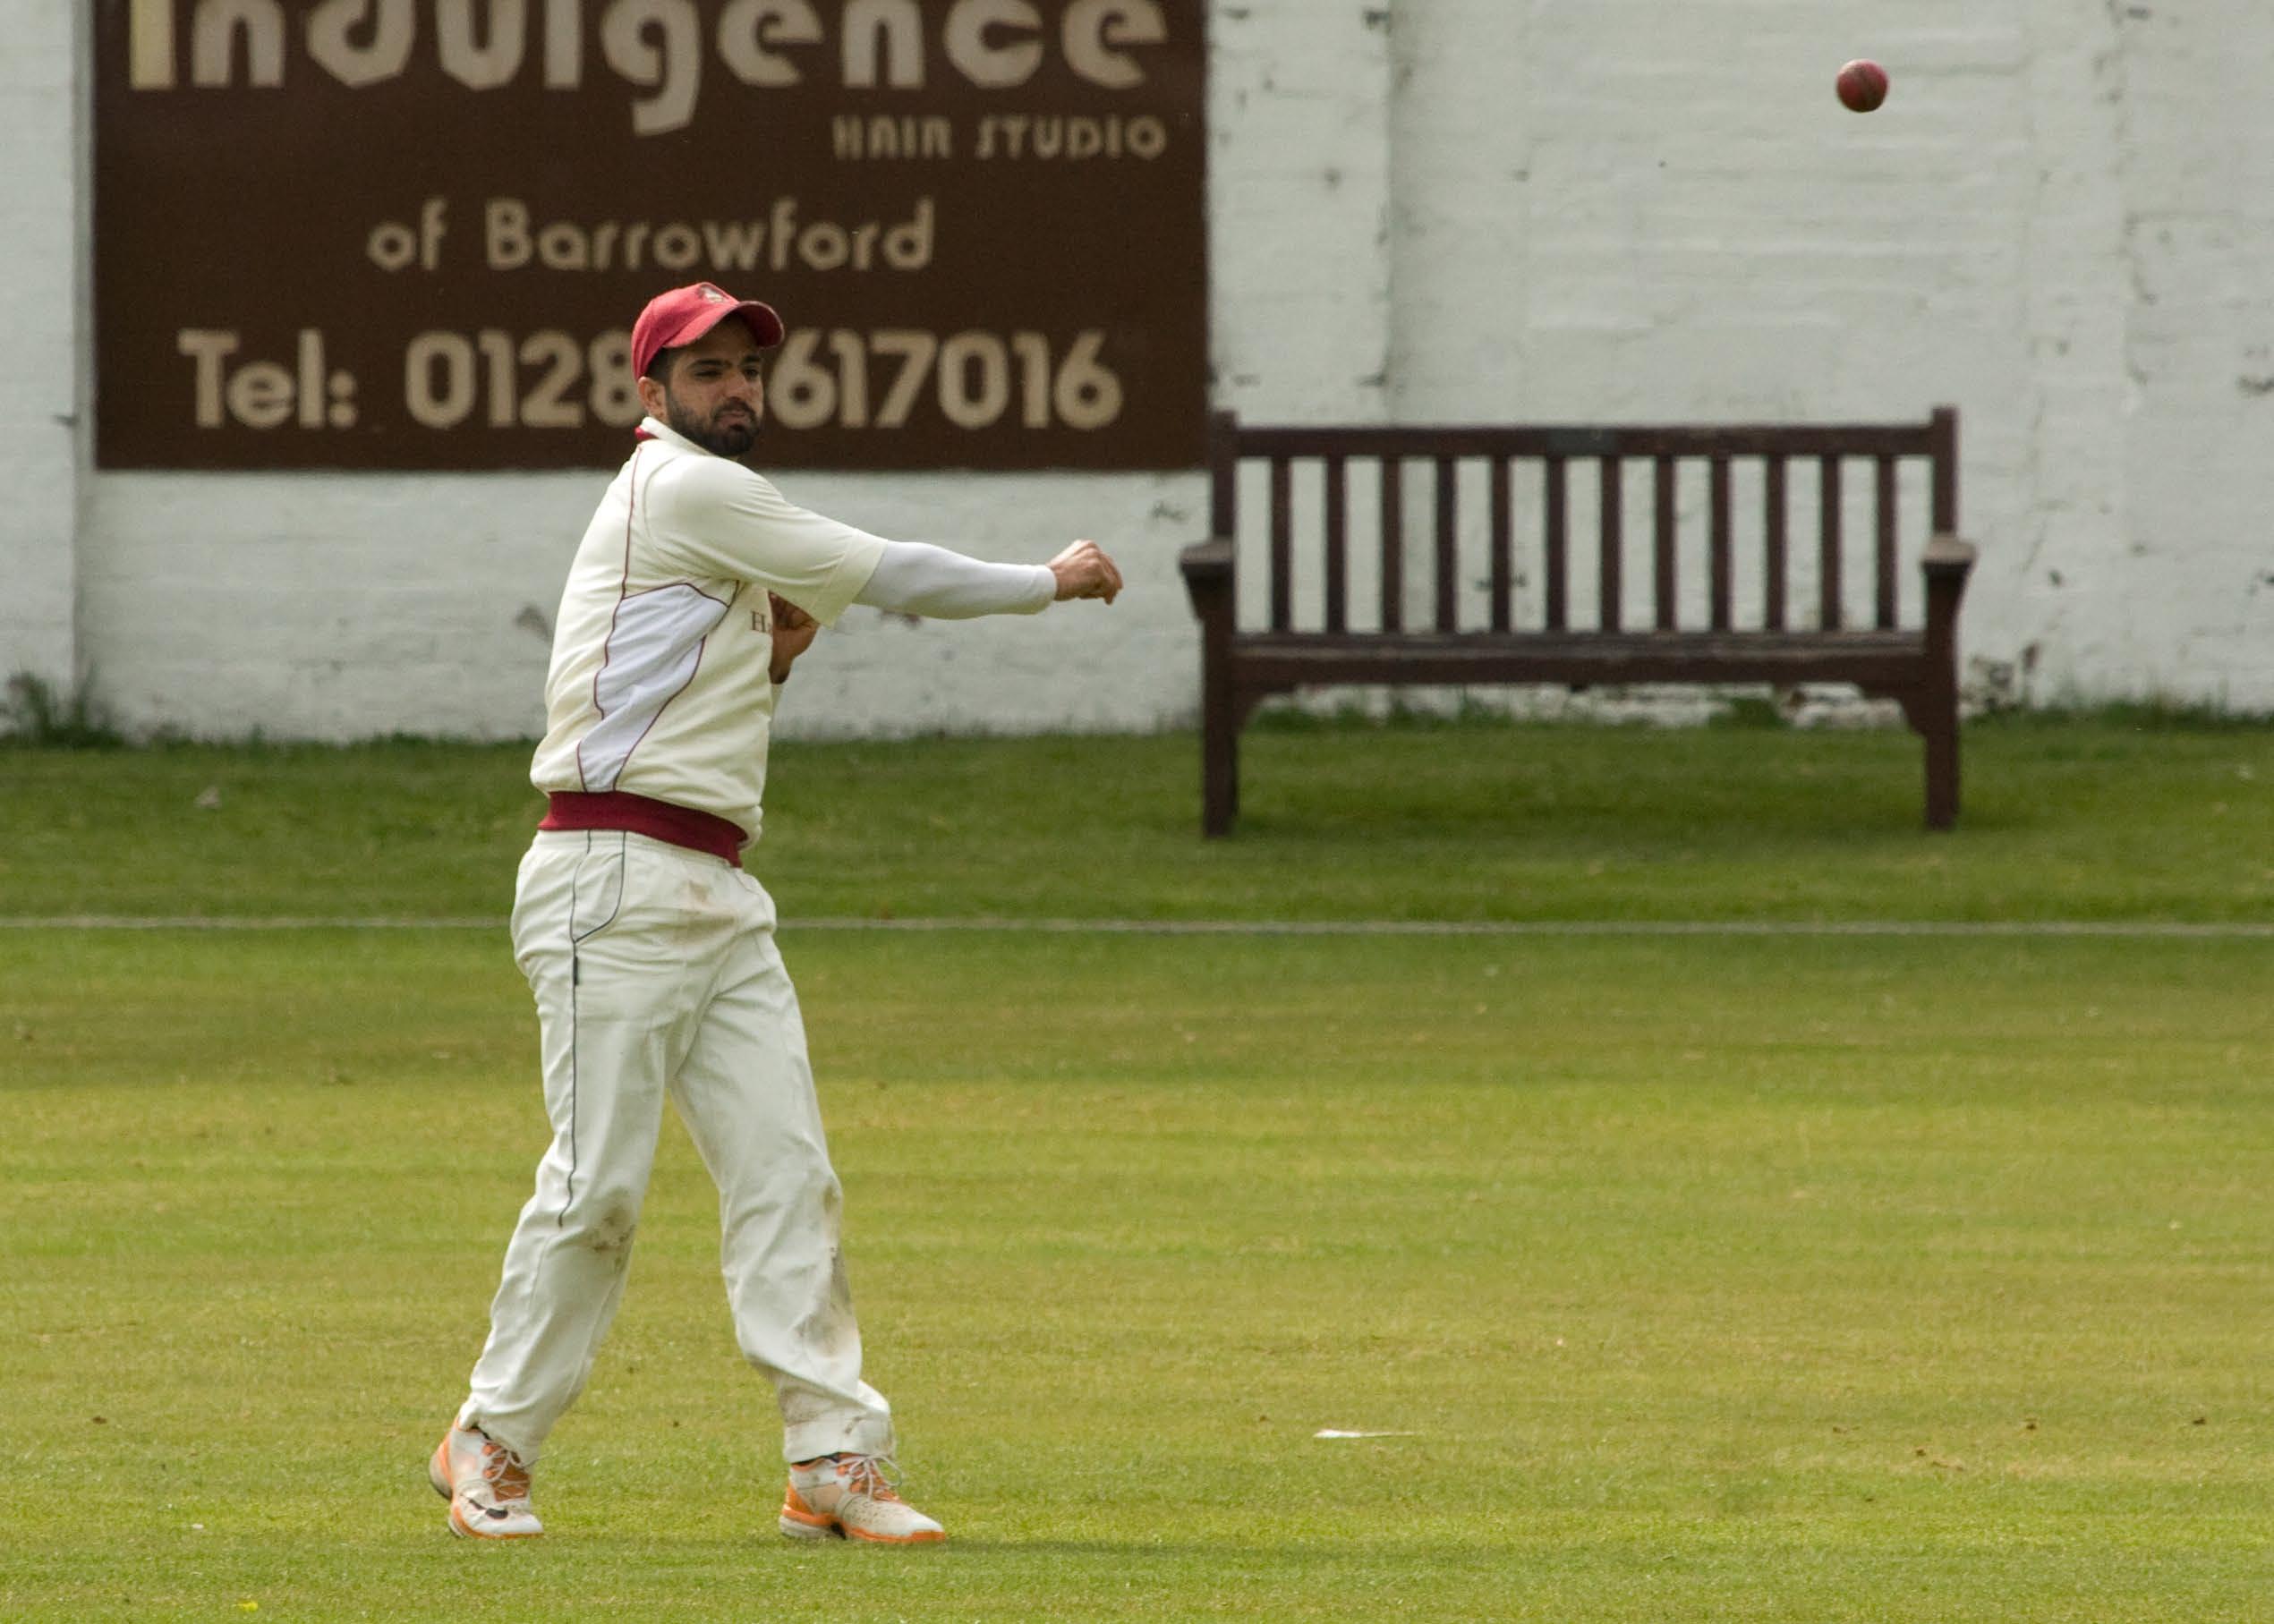 Accrington Cricket Club Function Room